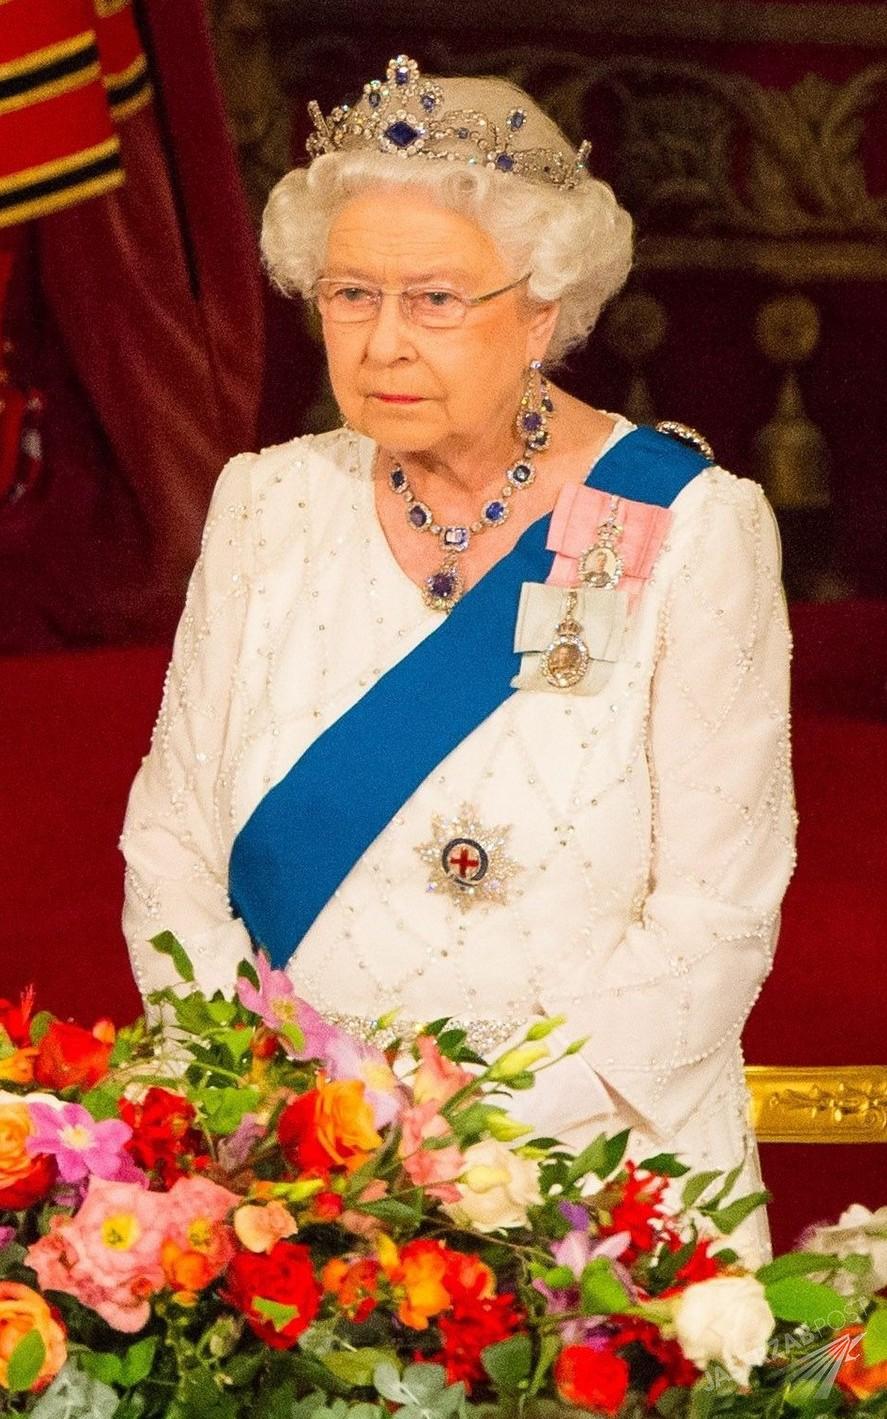 Królowa Elżbieta na kolacji w Pałacu Buckingham z okazji wizyty chińskiego prezydent Xi Jinpinga (fot. East News)